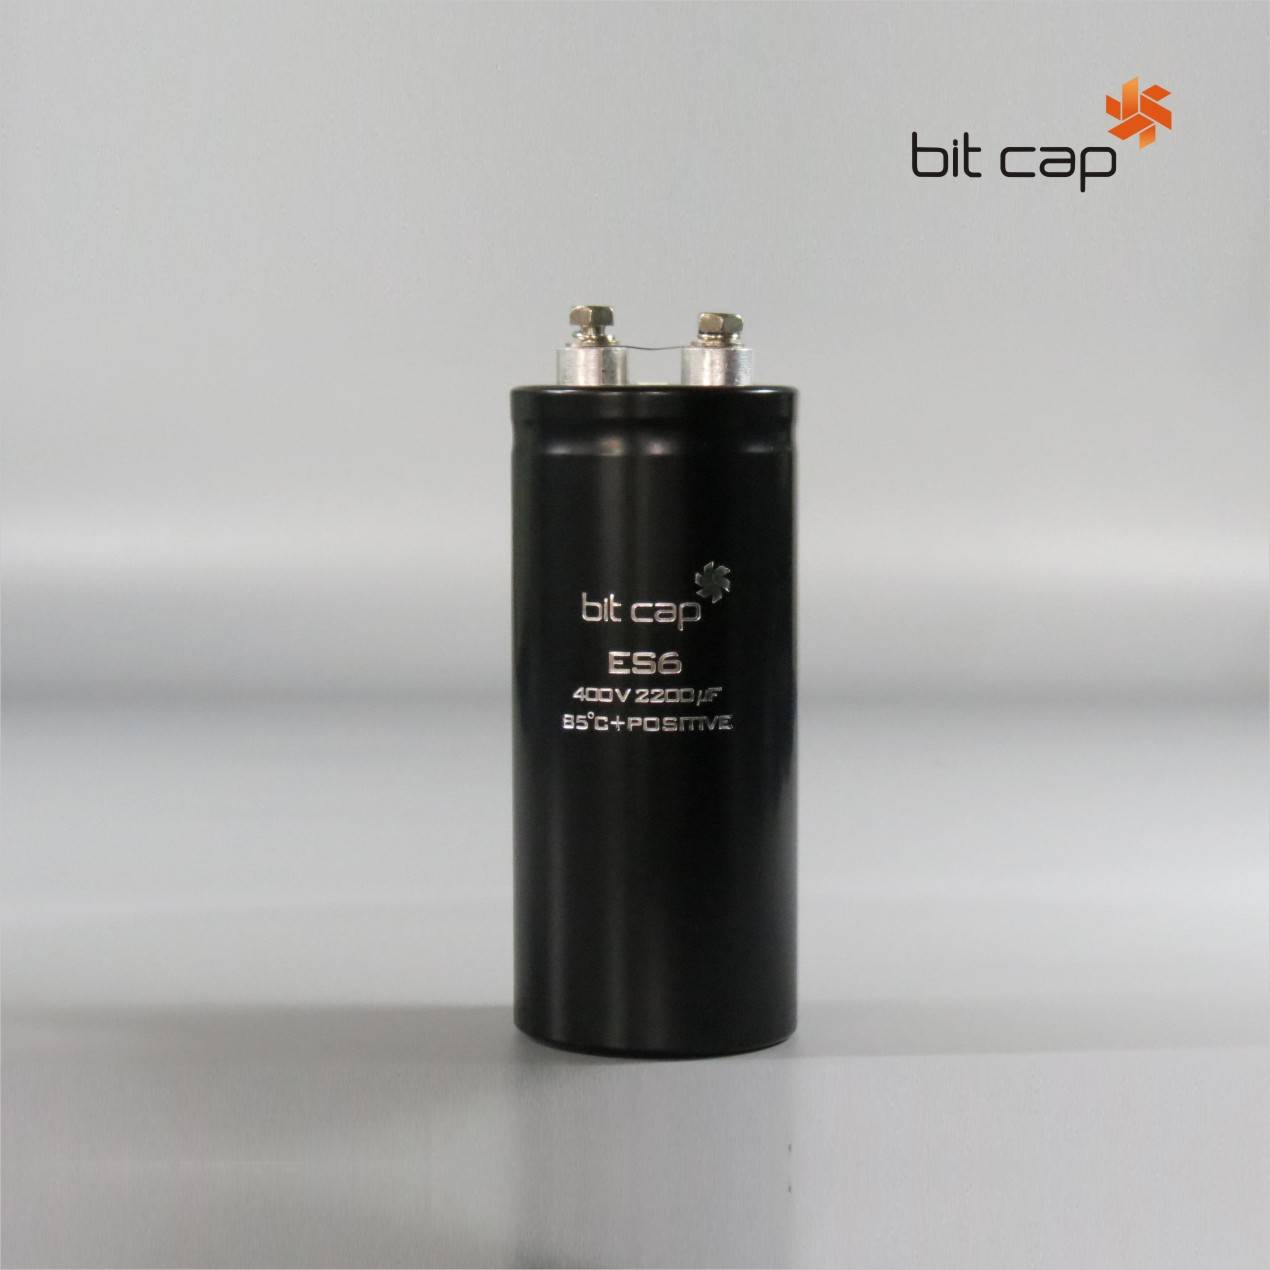 ES6  400v 2200uF aluminum electronic capacitors